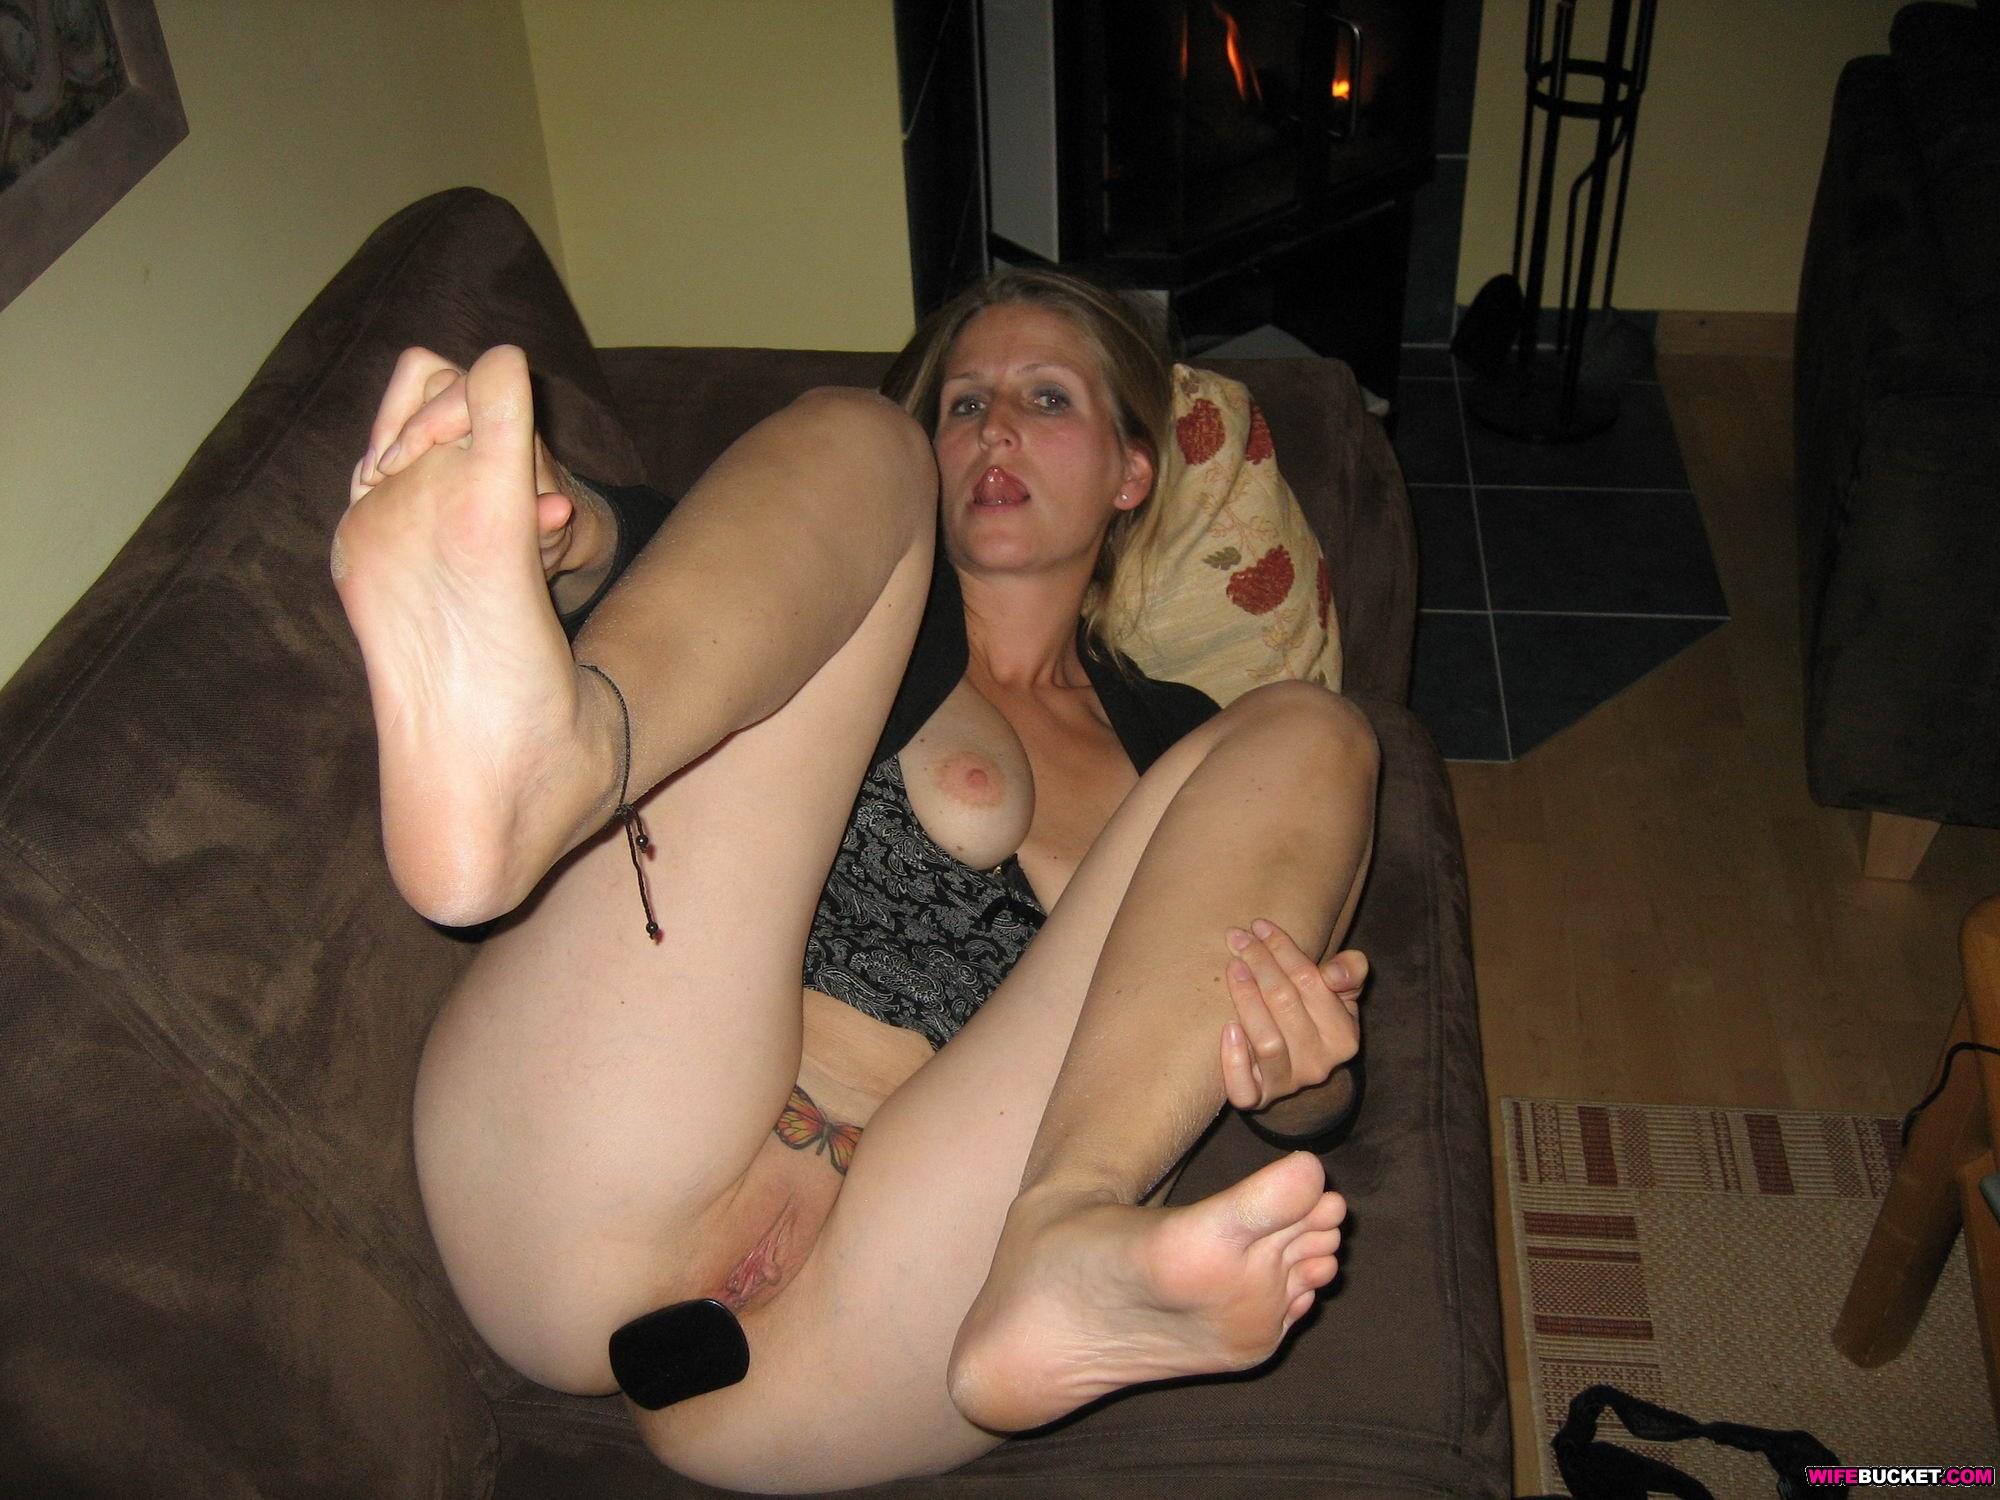 Christina aguilera leaked nude